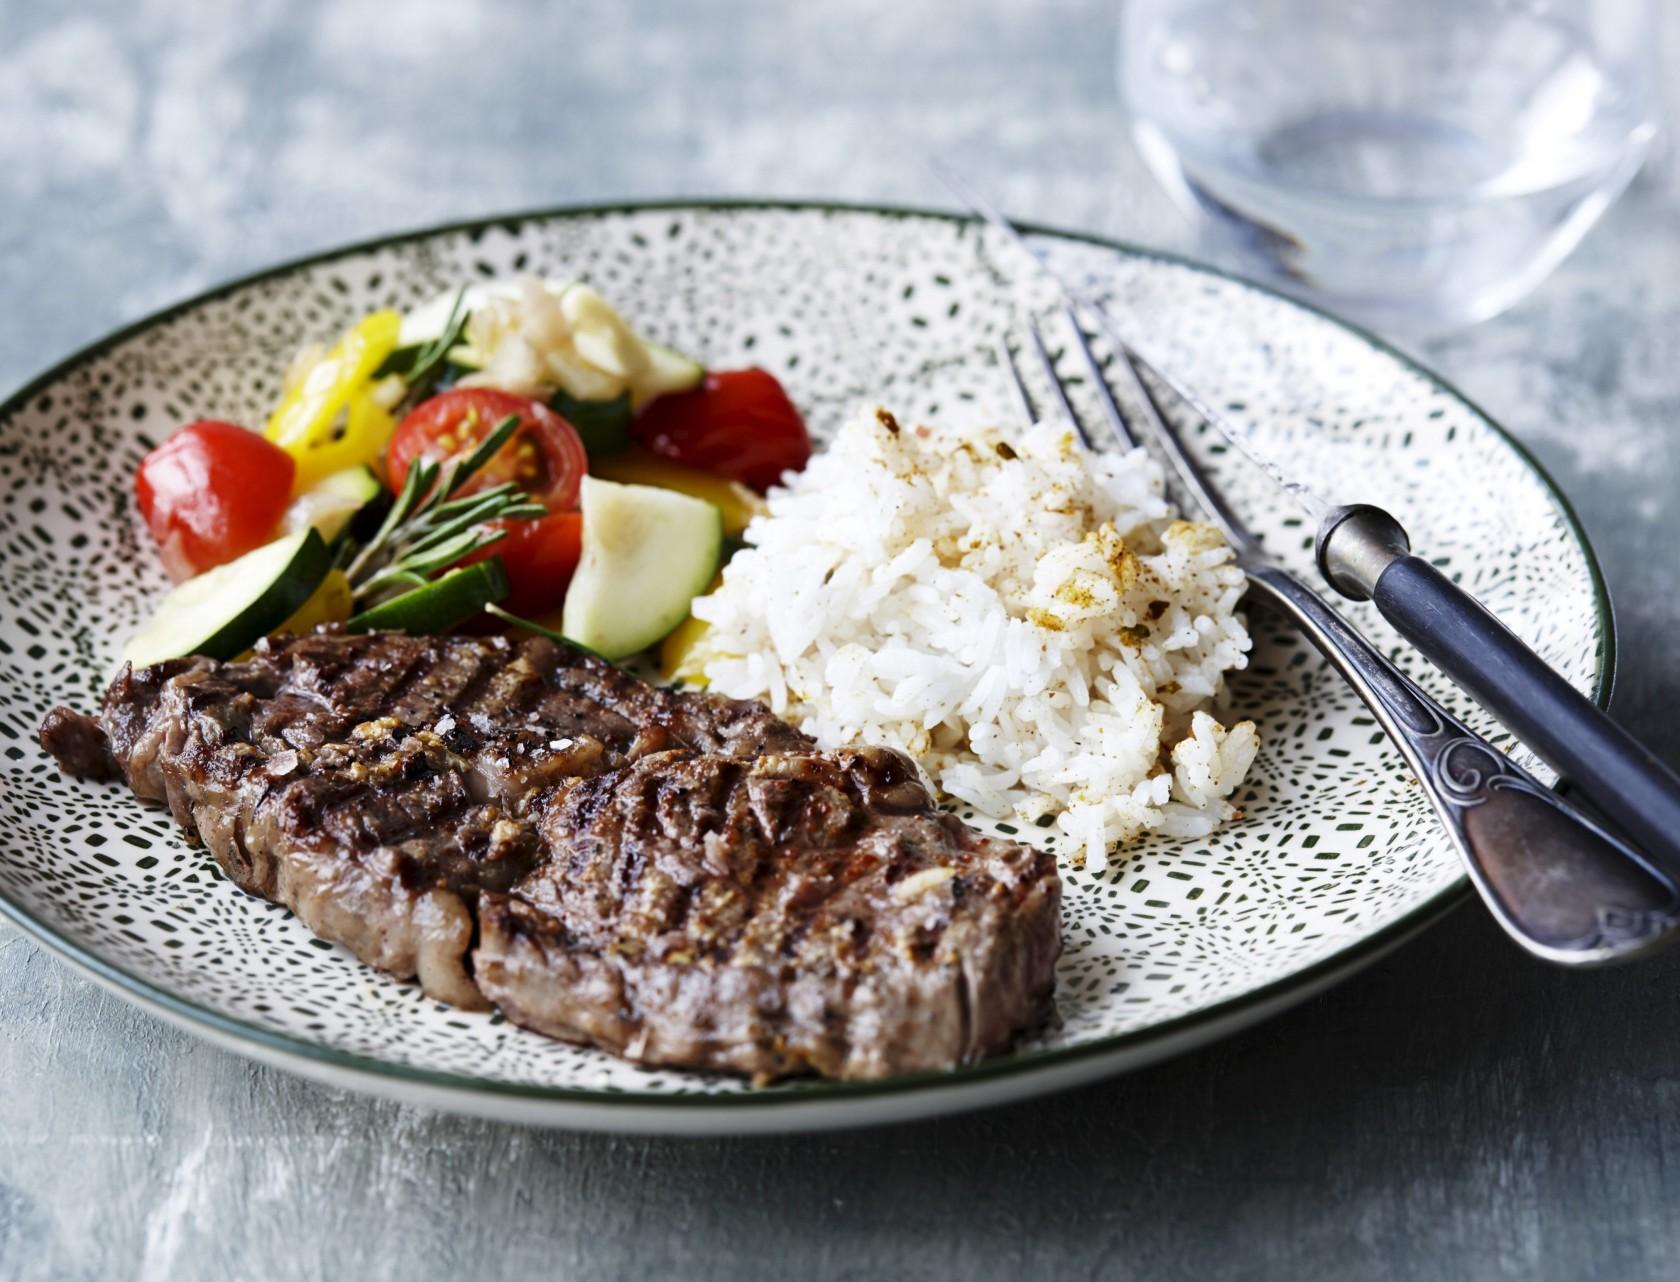 Grillet bøf med krydrede ris og ratatouille fuld af grøntsager